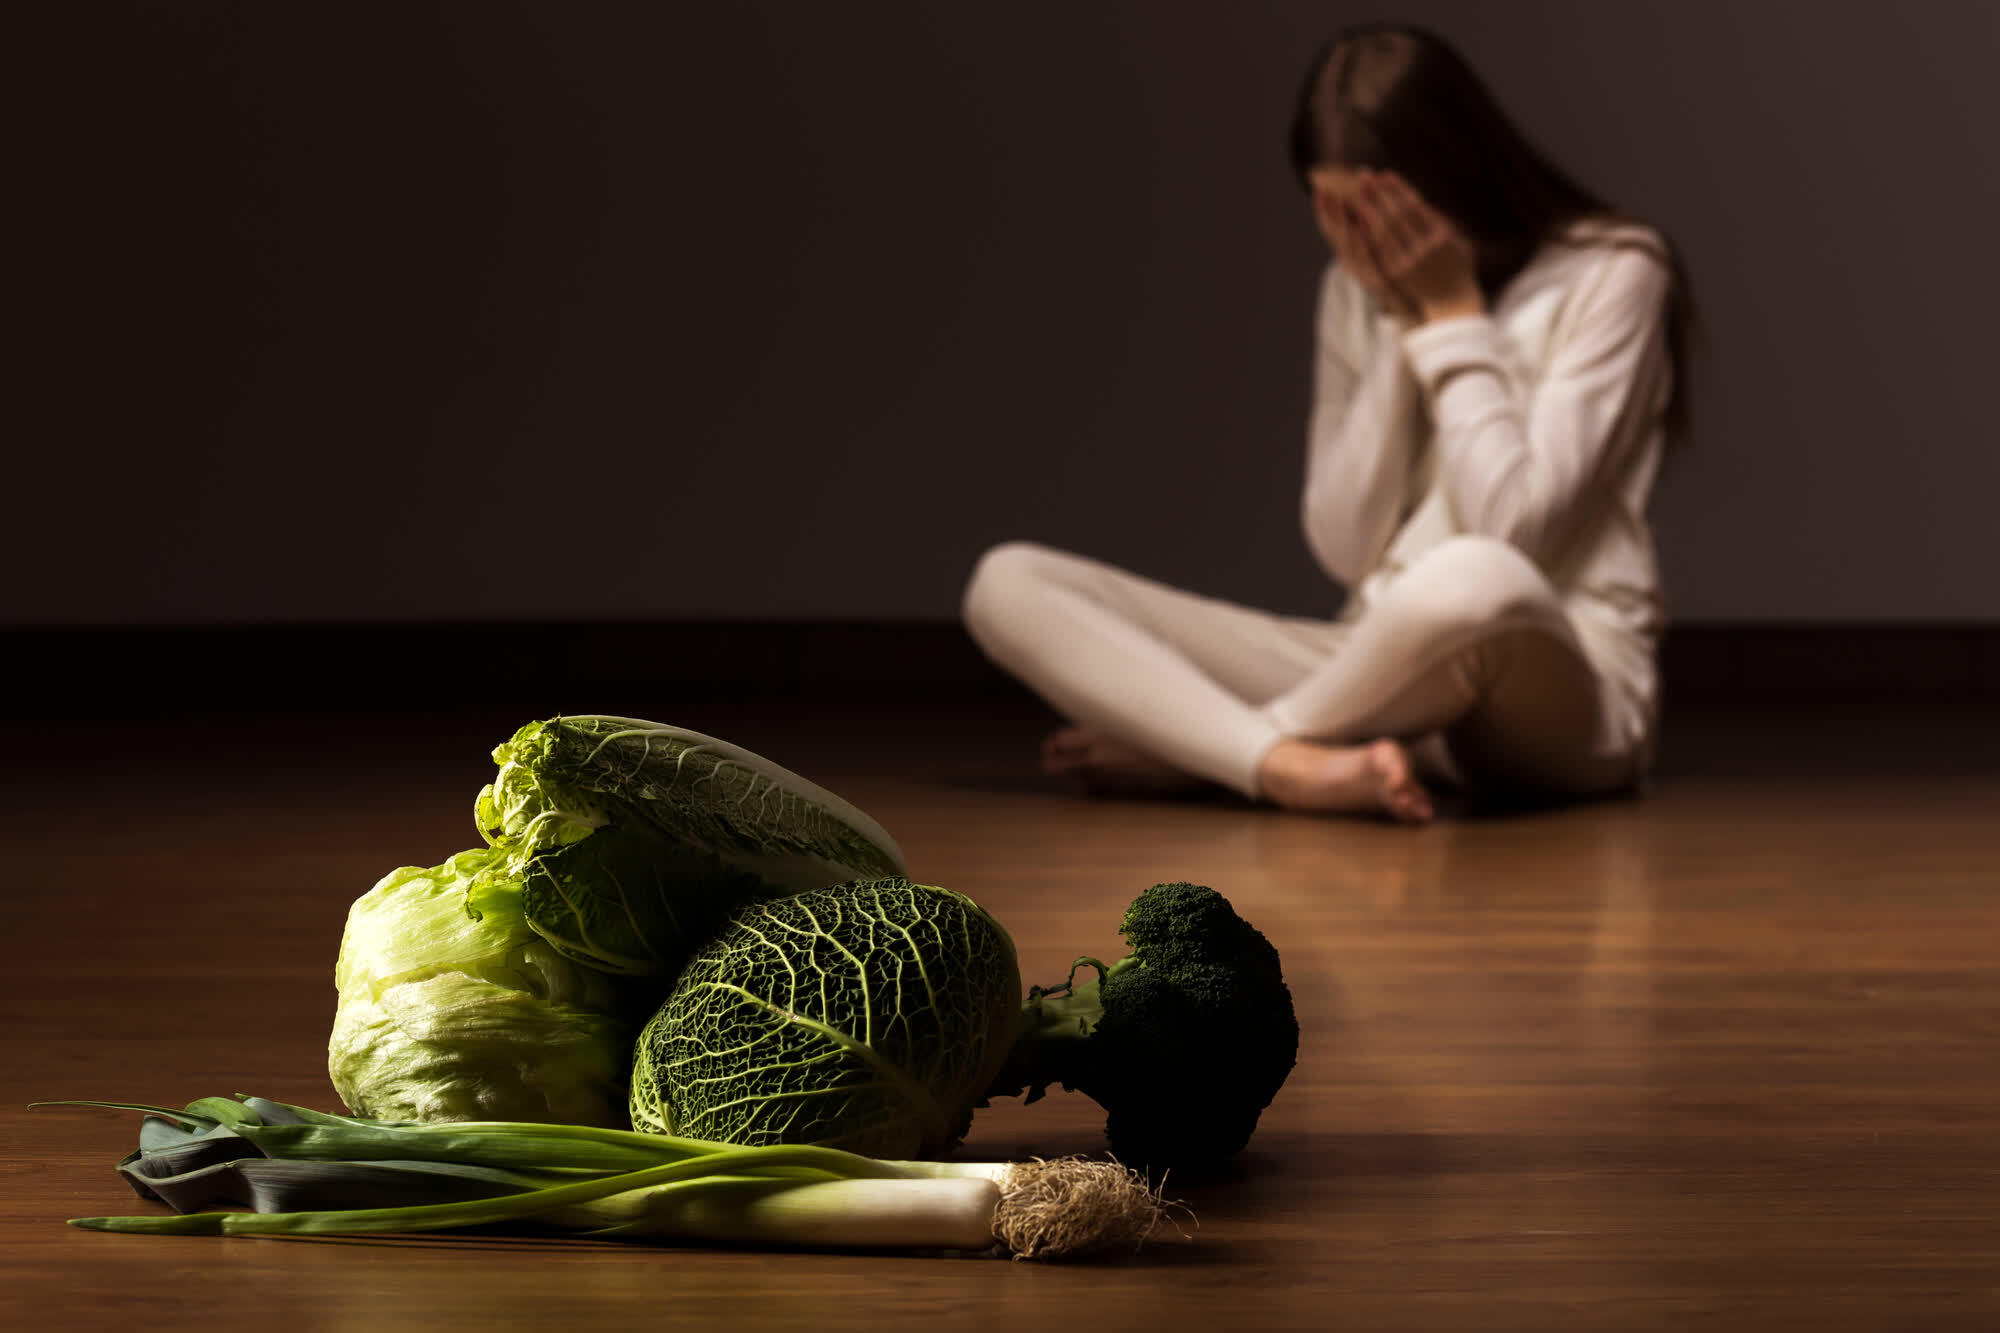 плохое самочувствие от правильного питания